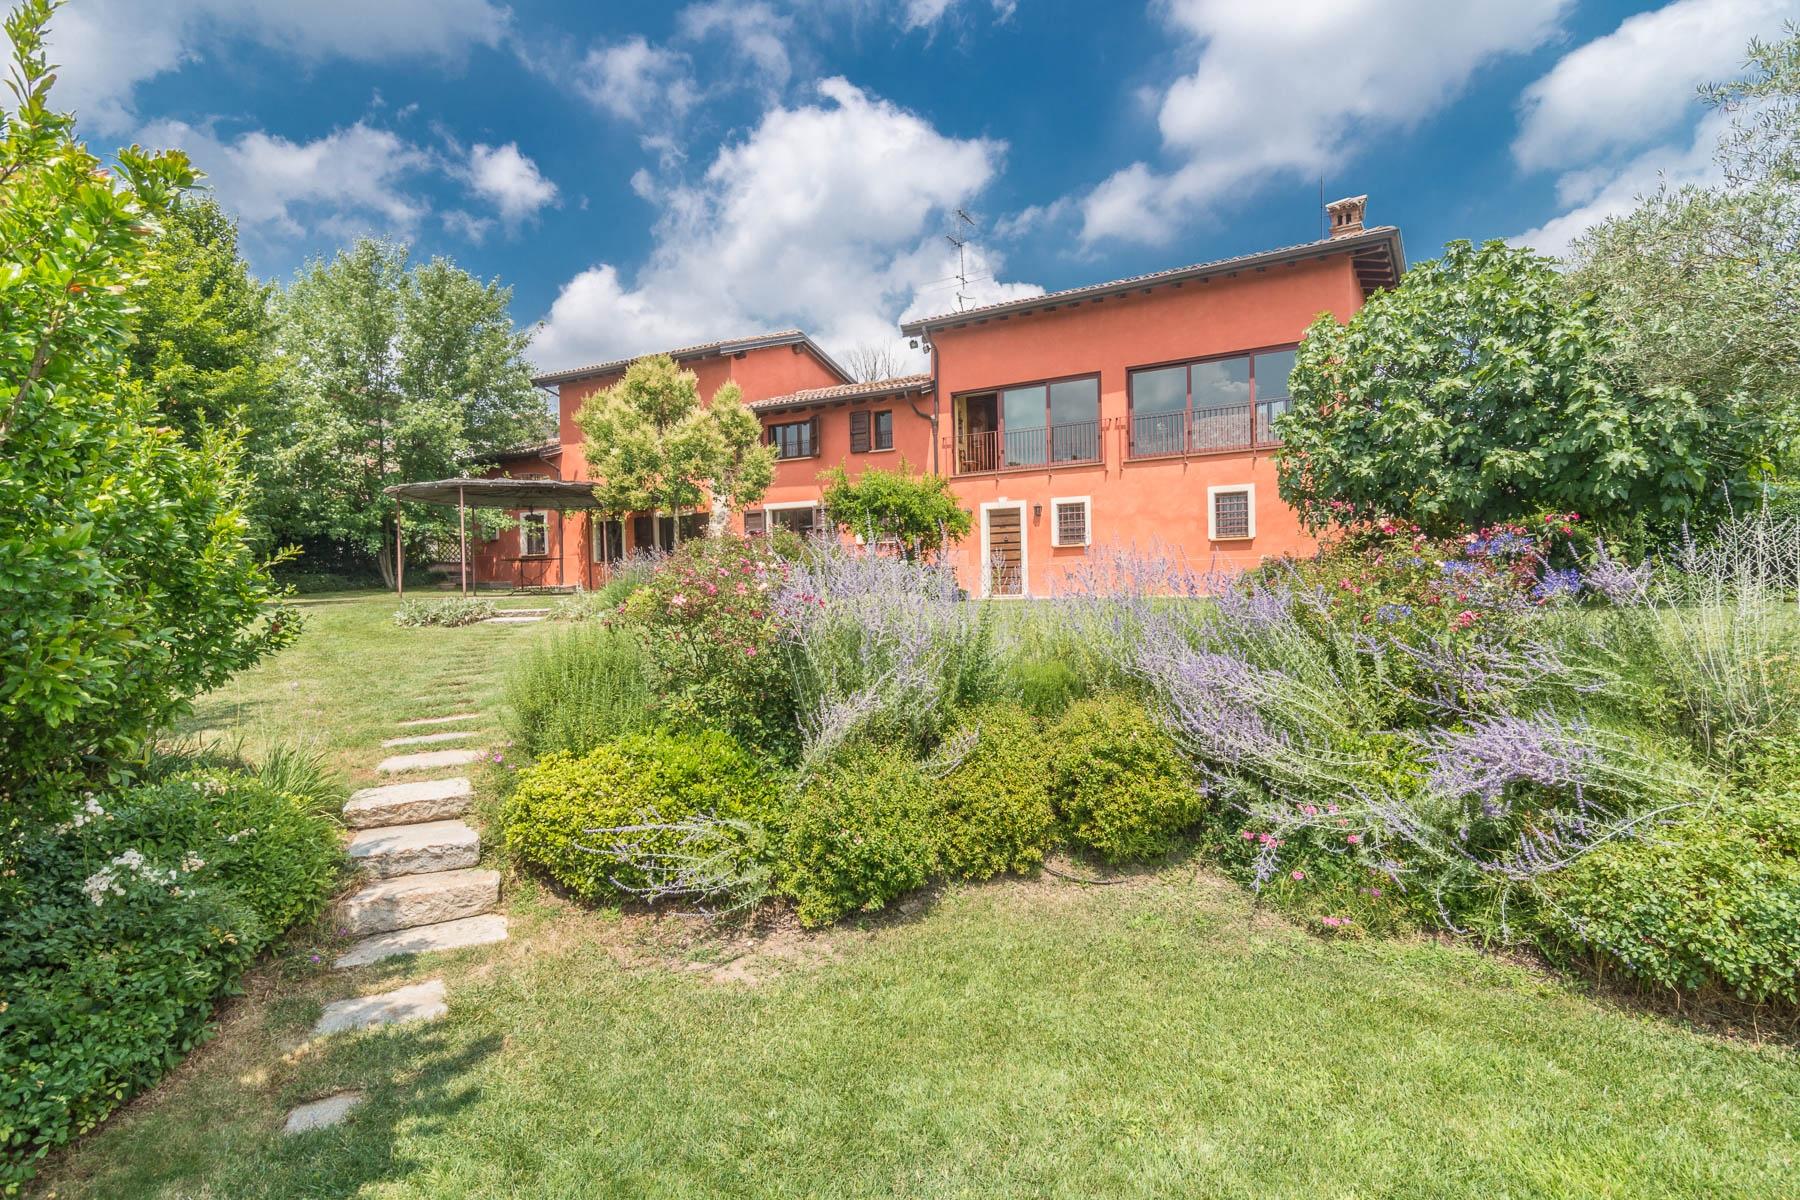 Casa indipendente in Vendita a Ziano Piacentino: 5 locali, 260 mq - Foto 2